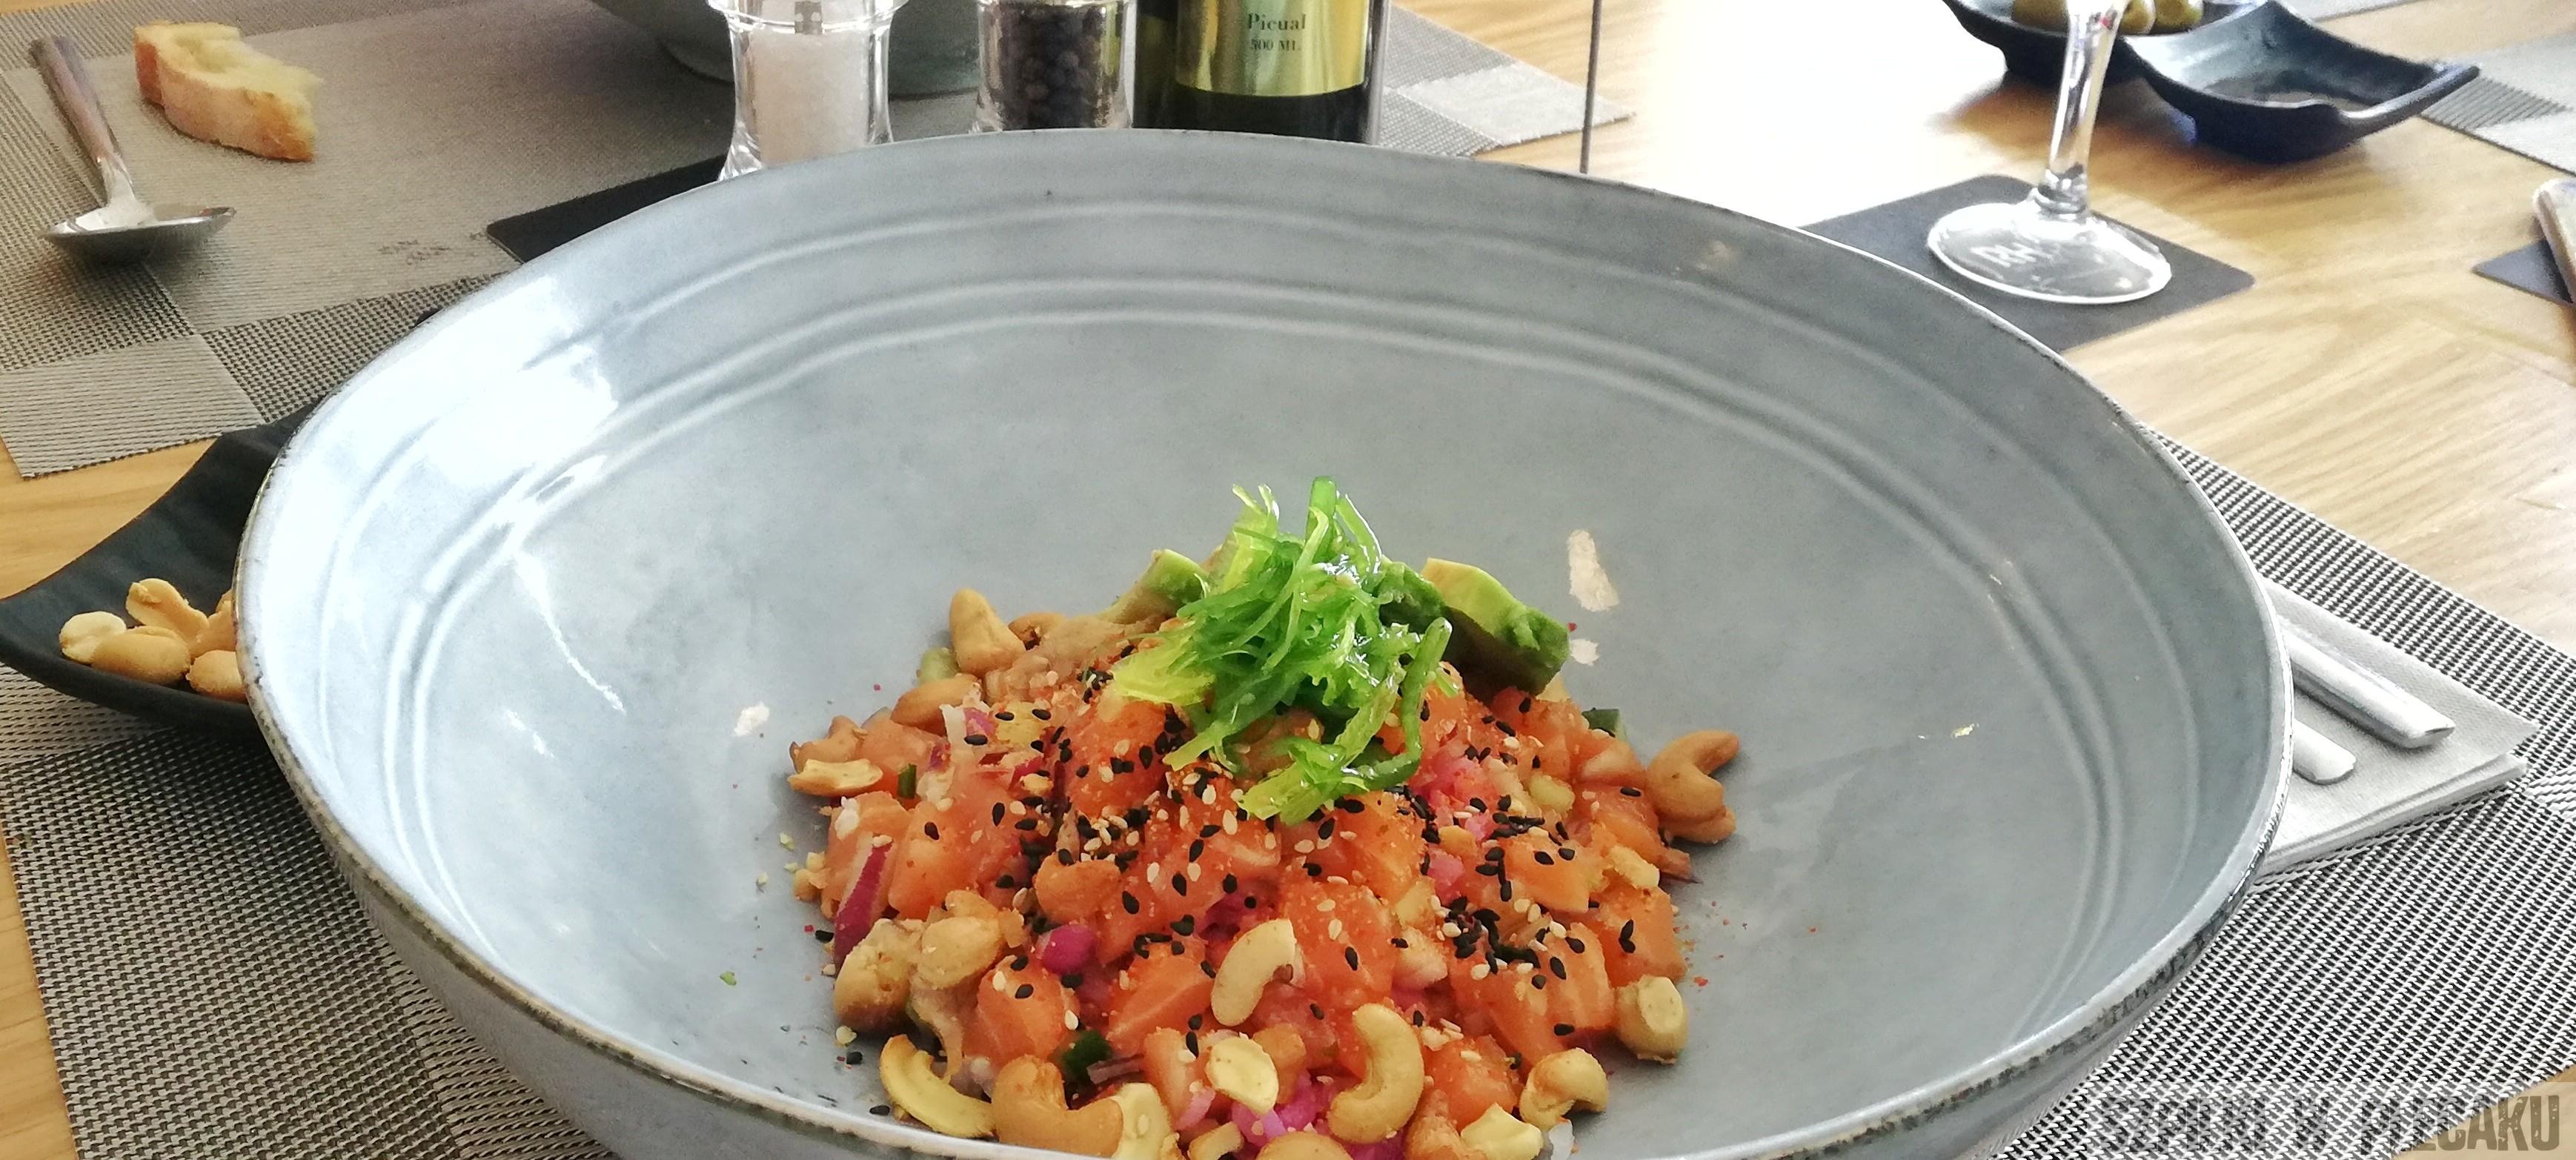 obiad RH Canfali